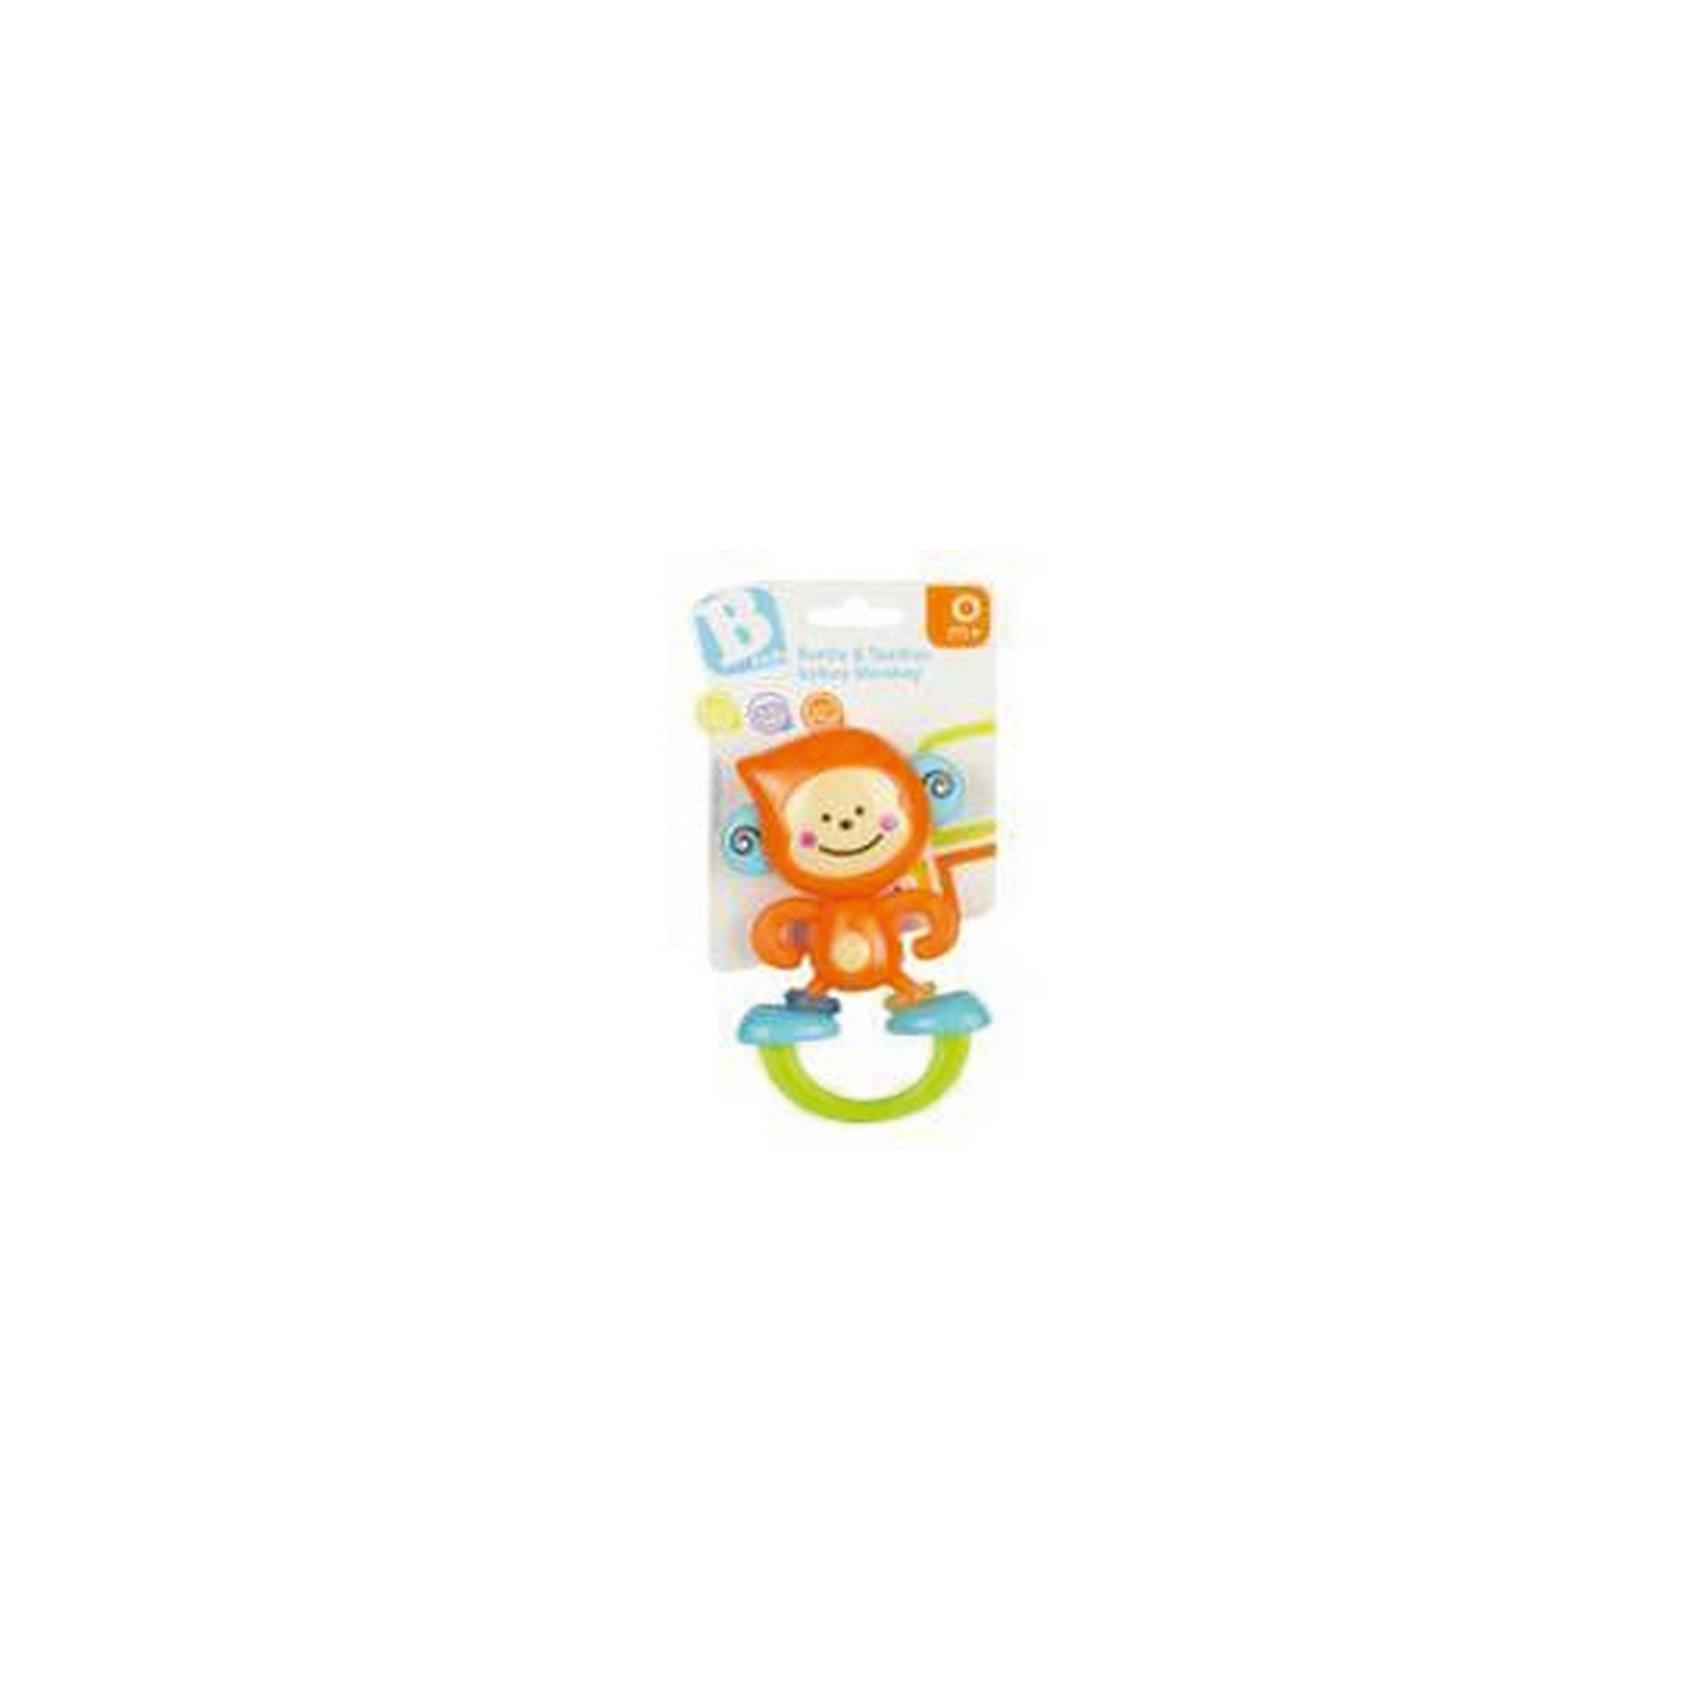 Игрушка Веселая обезьянка, BKidsПрорезыватели необходимы детям, у которых режутся зубки. Они могут выглядеть очень симпатично! Эта игрушка представляет собой прорезыватель в виде обезьяны. На её ножках есть небольшие колечки голубого и зеленого цвета. Их можно крутить и передвигать. <br>Такие игрушки способствуют развитию мелкой моторики, воображения, цветовосприятия, тактильных ощущений. Изделие разработано специально для самых маленьких. Сделано из материалов, безопасных для детей.<br><br>Дополнительная информация:<br><br>цвет: разноцветный;<br>размеры игрушки: 15 х 20 х 4 см;<br>возраст: с рождения.<br><br>Игрушку Веселая обезьянка от бренда BKids можно купить в нашем интернет-магазине.<br><br>Ширина мм: 101<br>Глубина мм: 101<br>Высота мм: 20<br>Вес г: 71<br>Возраст от месяцев: 0<br>Возраст до месяцев: 36<br>Пол: Унисекс<br>Возраст: Детский<br>SKU: 5055392